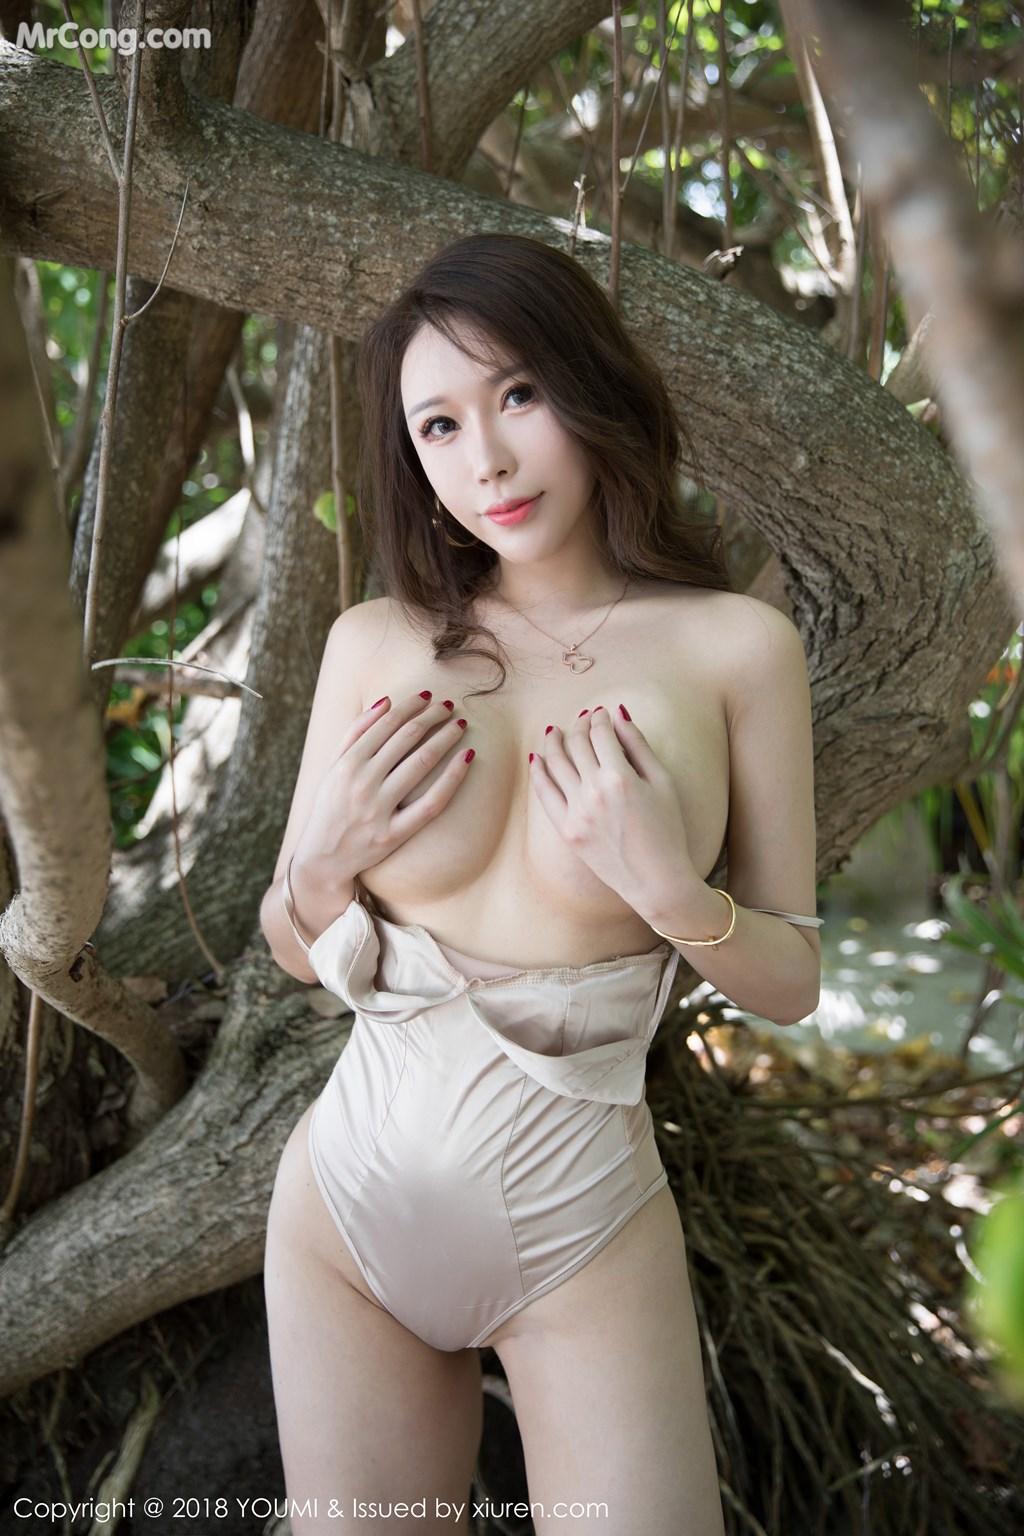 Image YouMi-Vol.225-Egg-MrCong.com-002 in post YouMi Vol.225: Người mẫu Egg_尤妮丝 (46 ảnh)